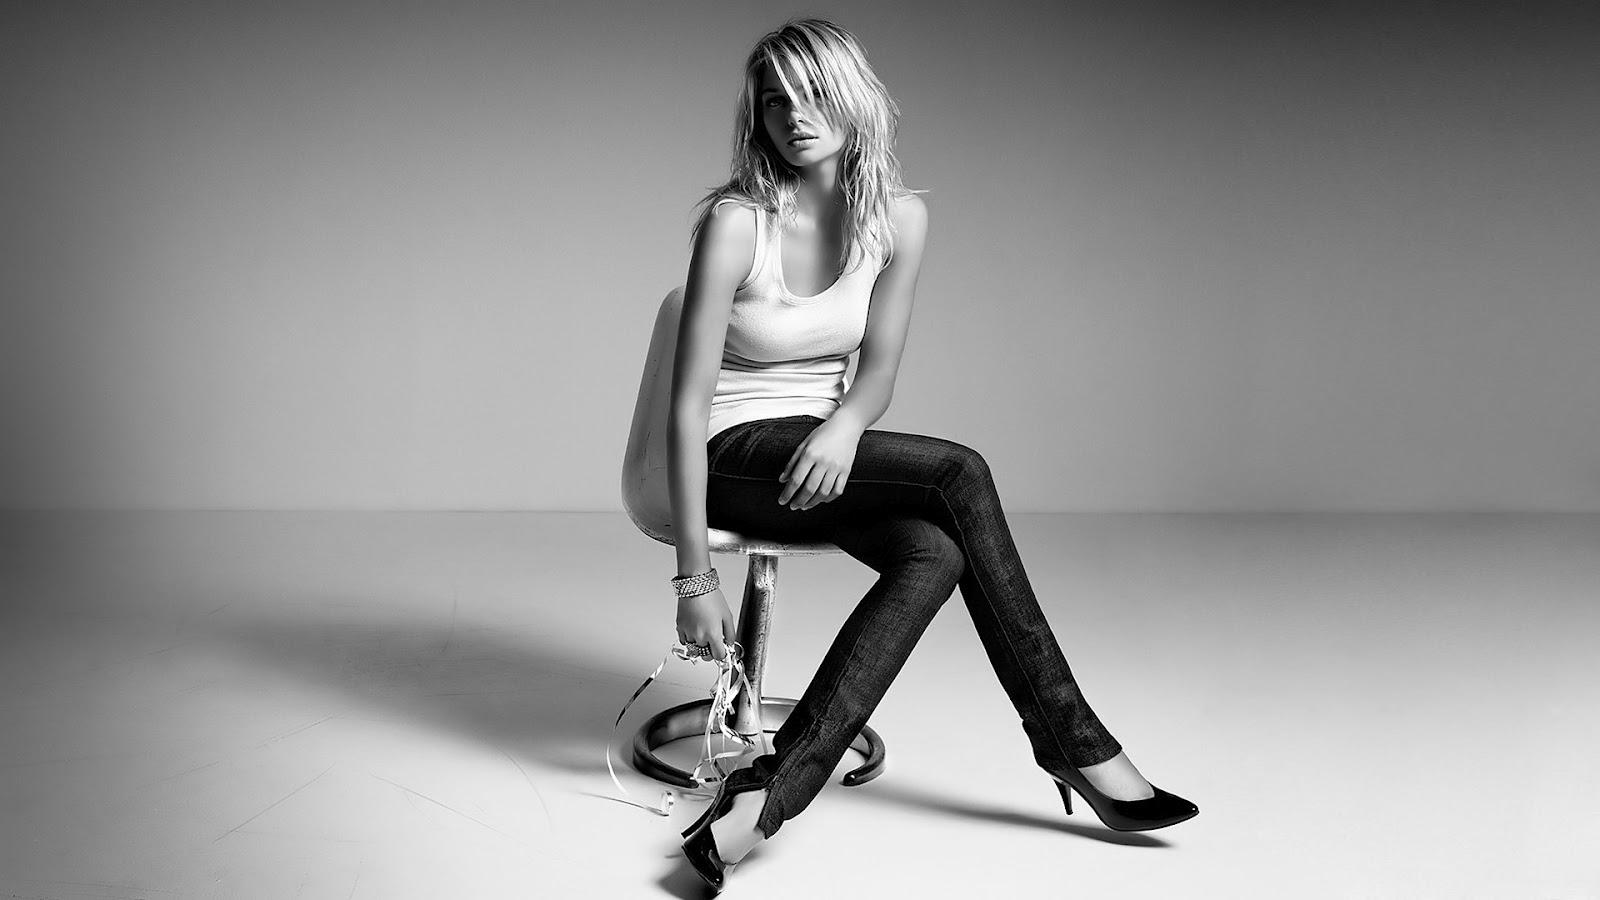 in spijkerbroek en shirt zittend op een stoel HD zwart wit wallpaper 1600x900